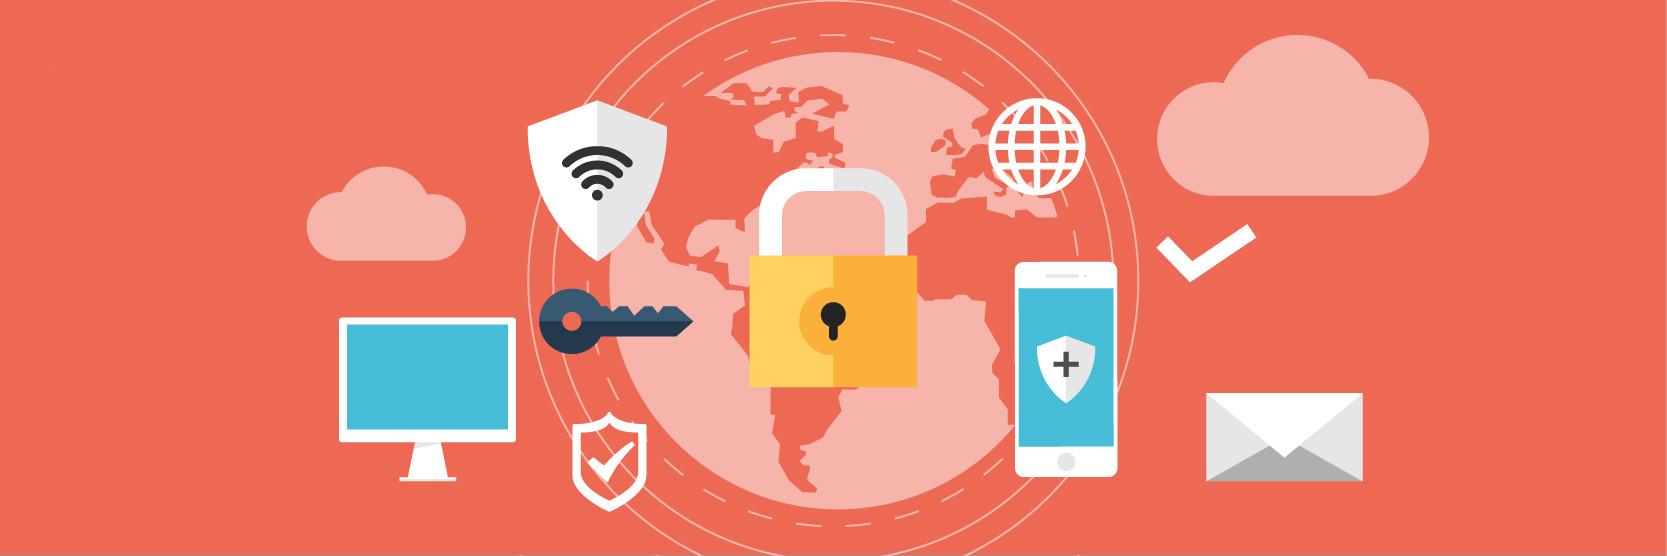 hospedagem de sites e registro de dominios